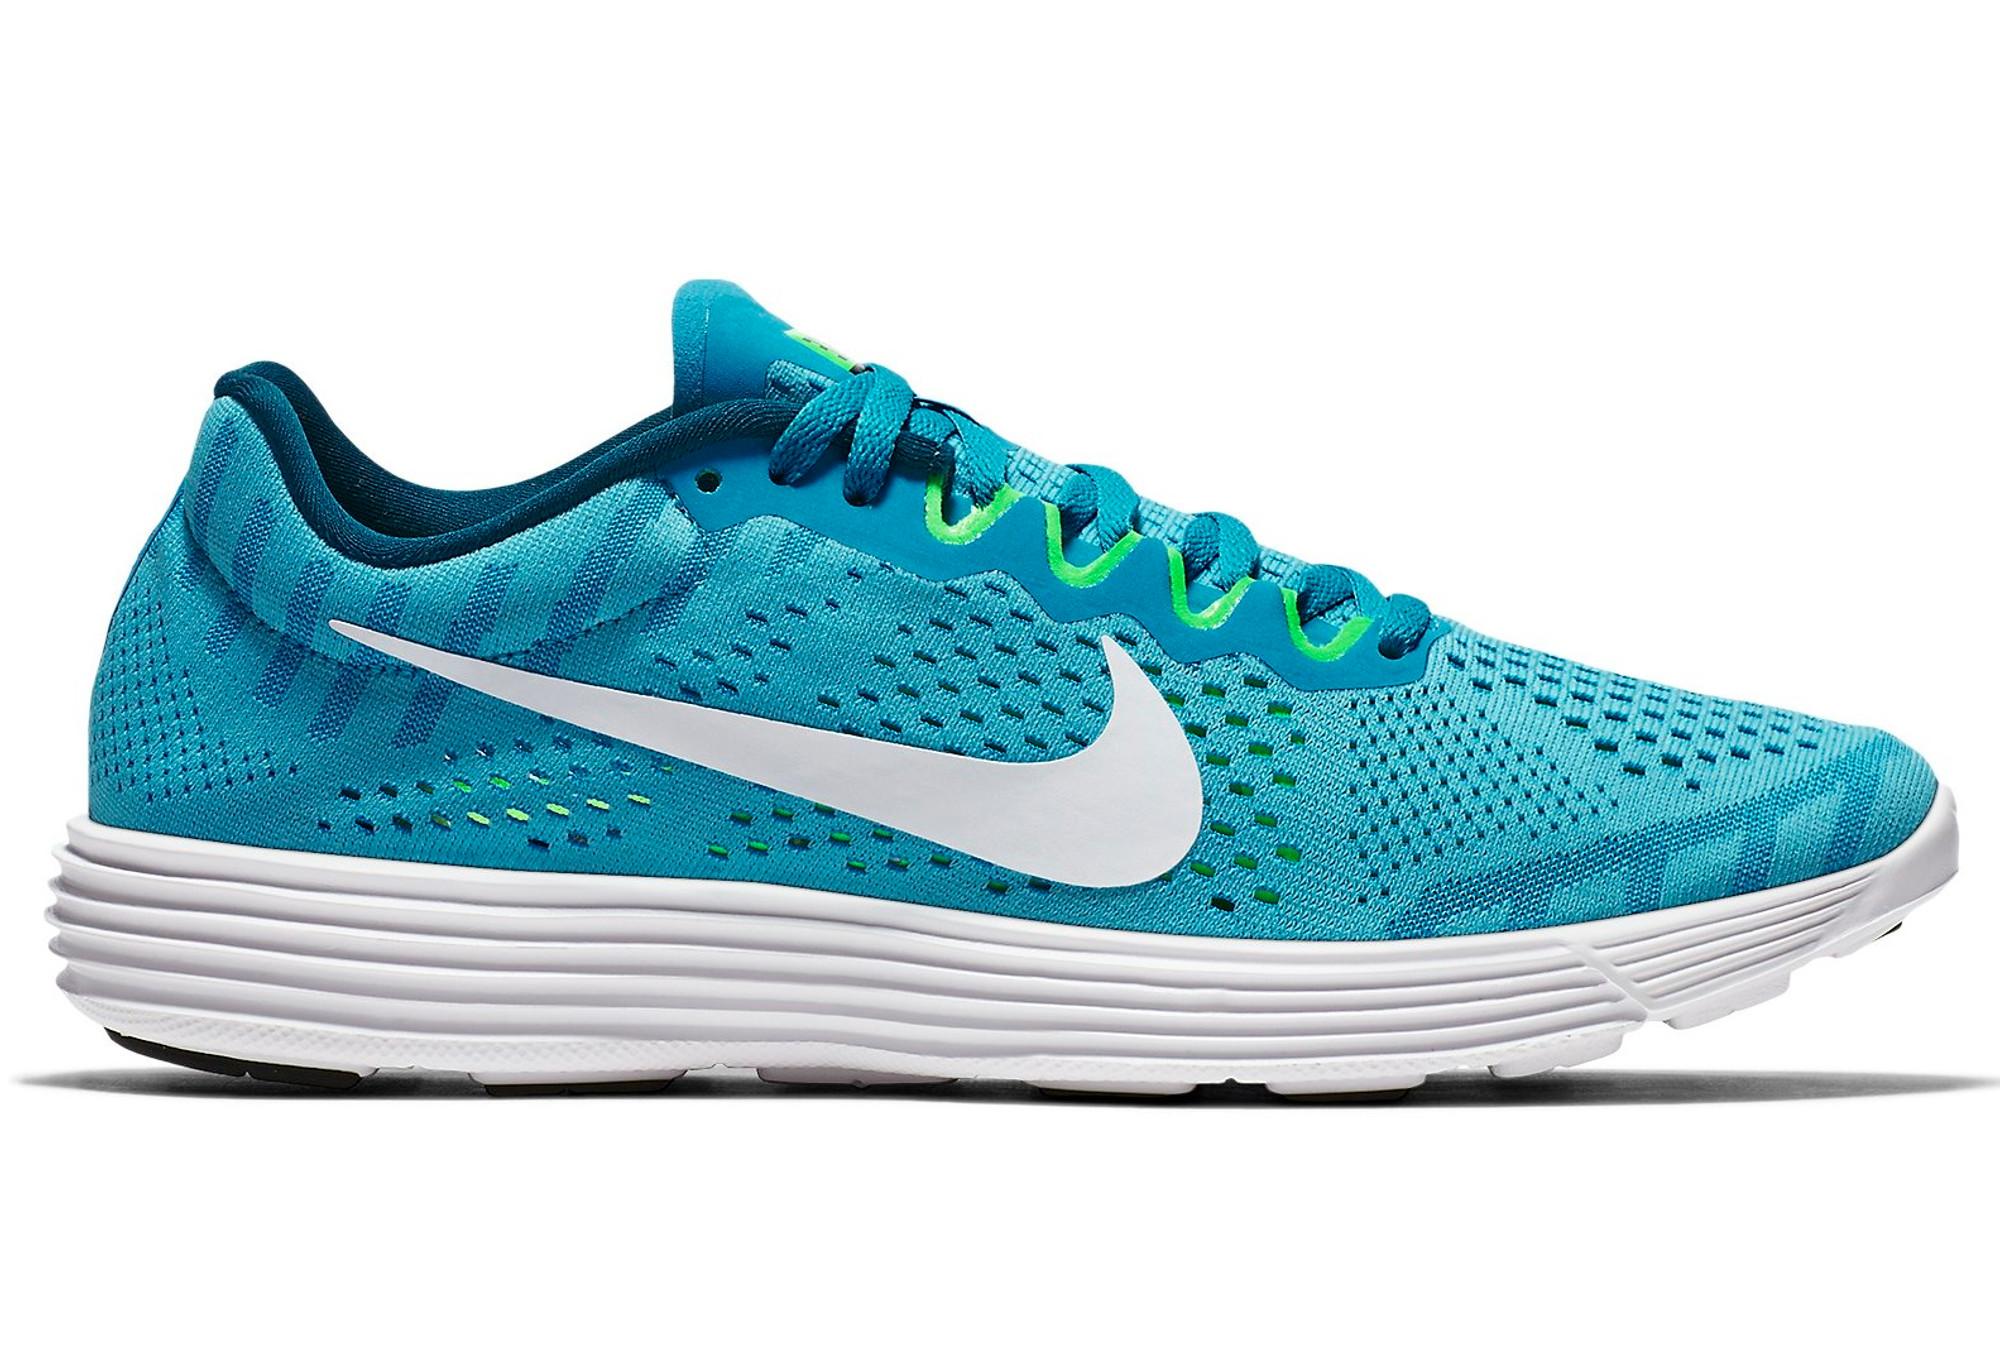 39ca1b17e0ac48 Nike Lunaracer 4 Blue Unisex